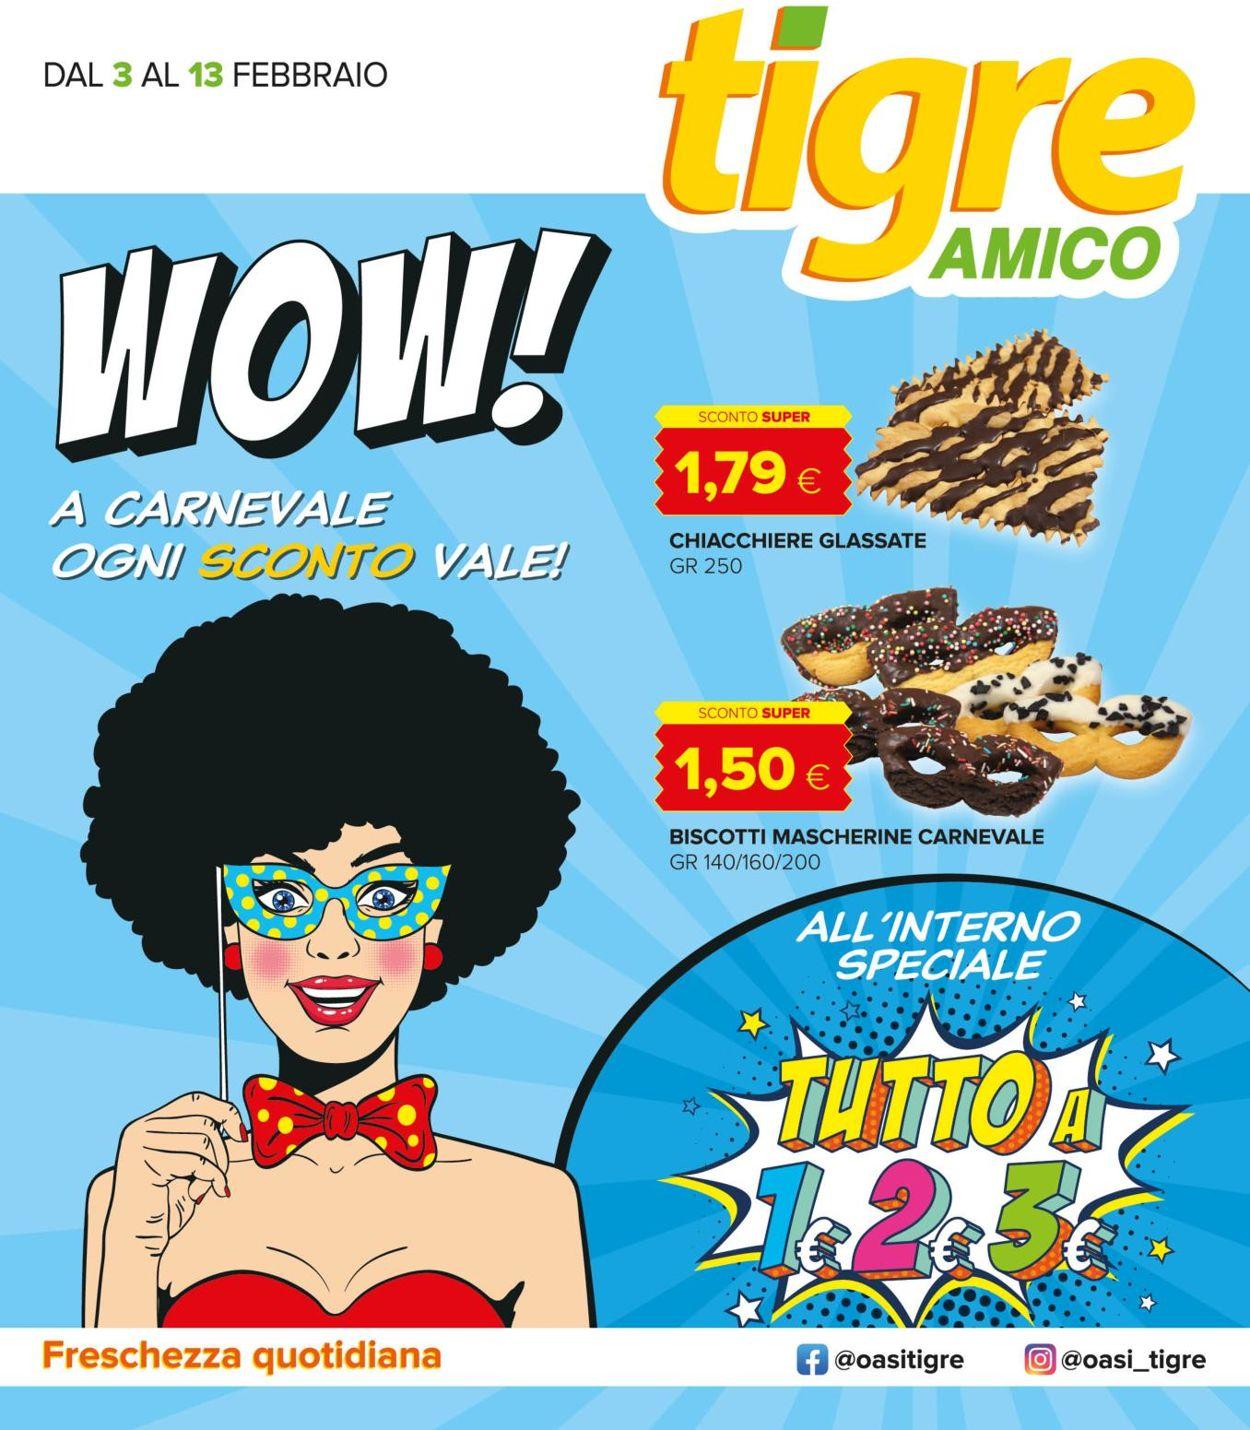 Volantino Tigre Amico - Offerte 03/02-13/02/2021